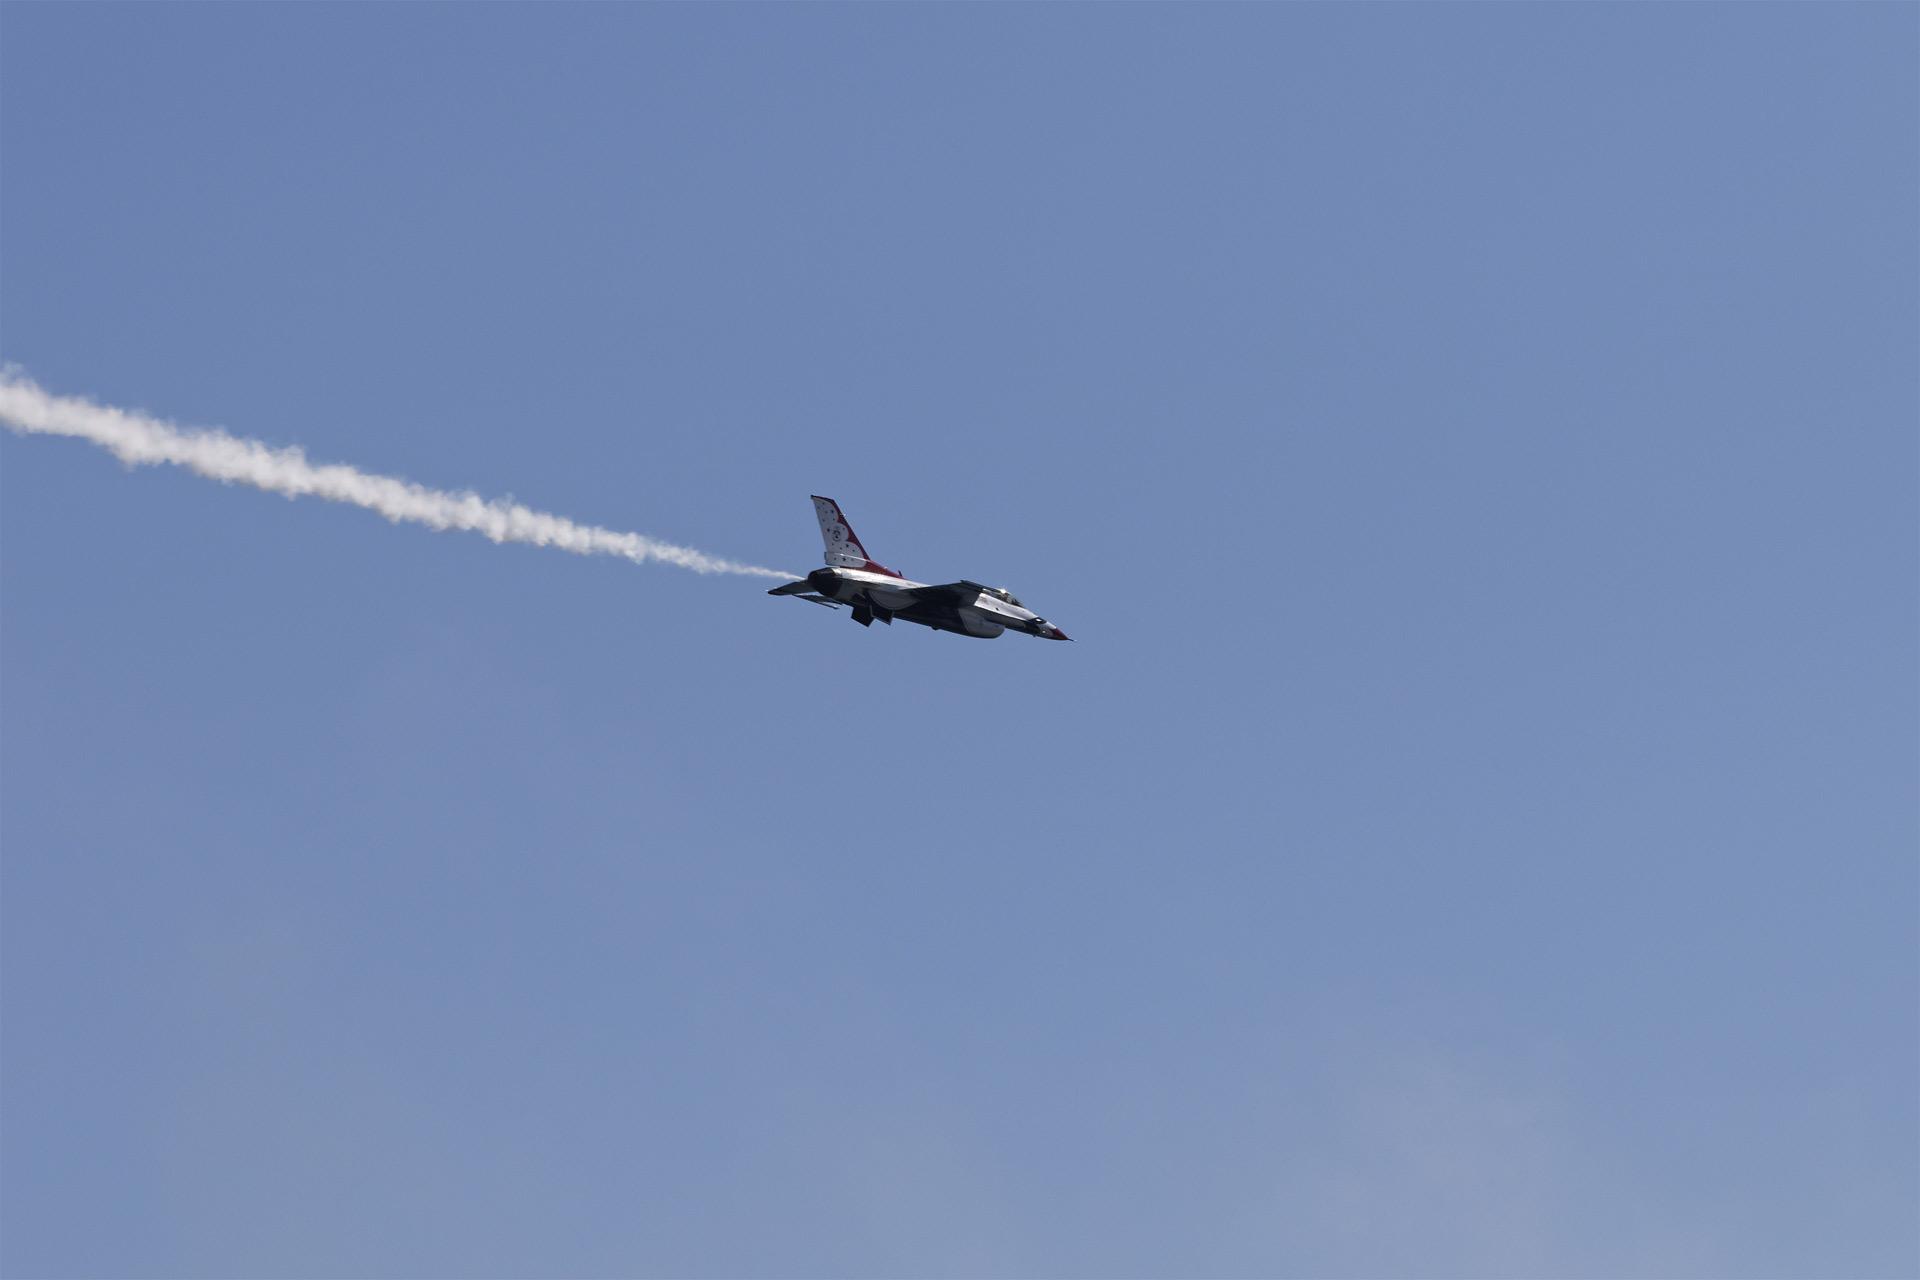 La aeronave realizó un patrón de reconocimiento por el Golfo de Venezuela y regresó pasando a 11 km de Los Monjes